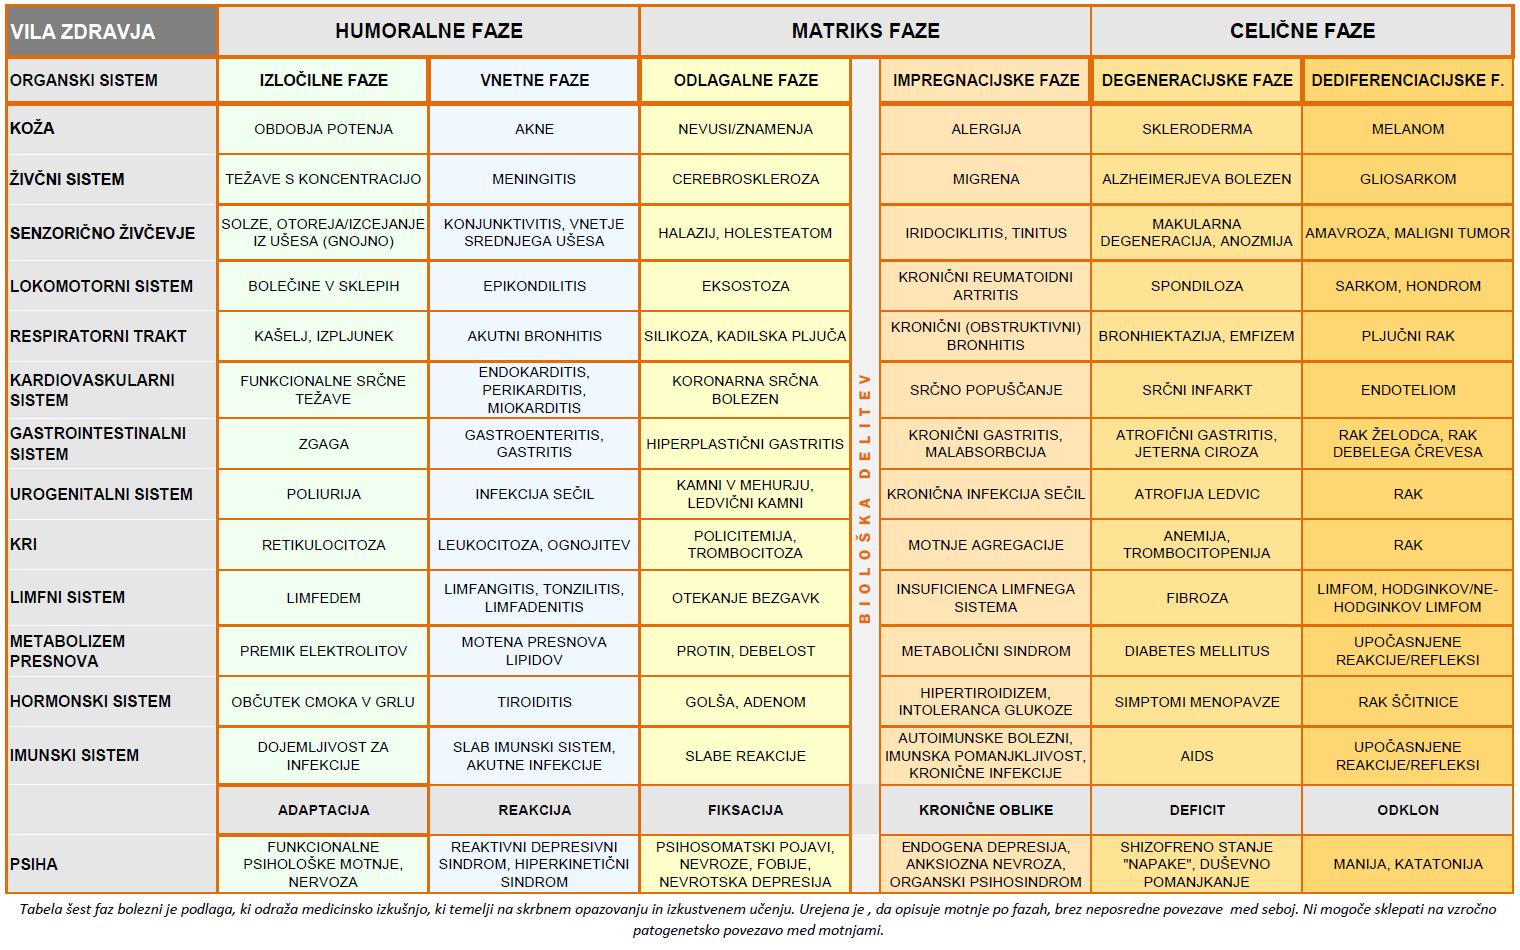 Šest faz bolezni - Vila zdravja II